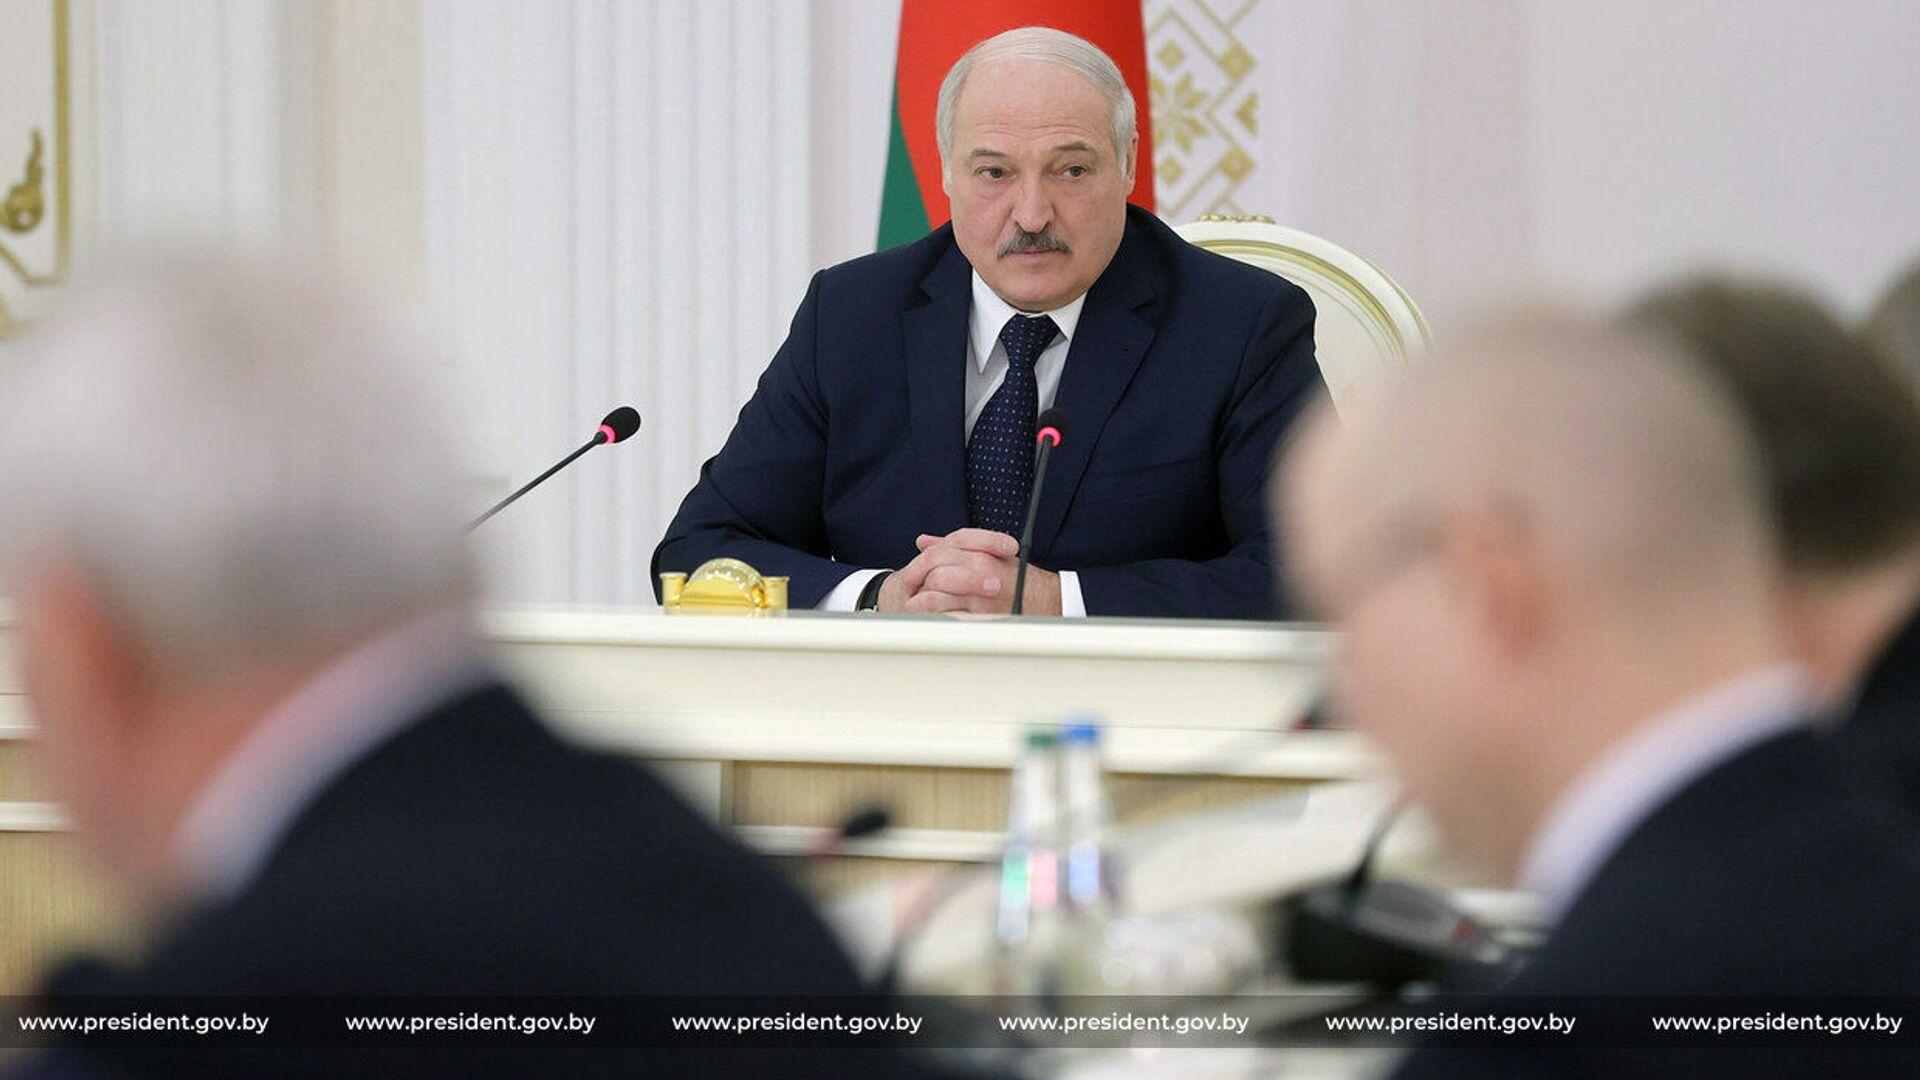 Běloruský prezident Alexandr Lukašenko - Sputnik Česká republika, 1920, 02.04.2021